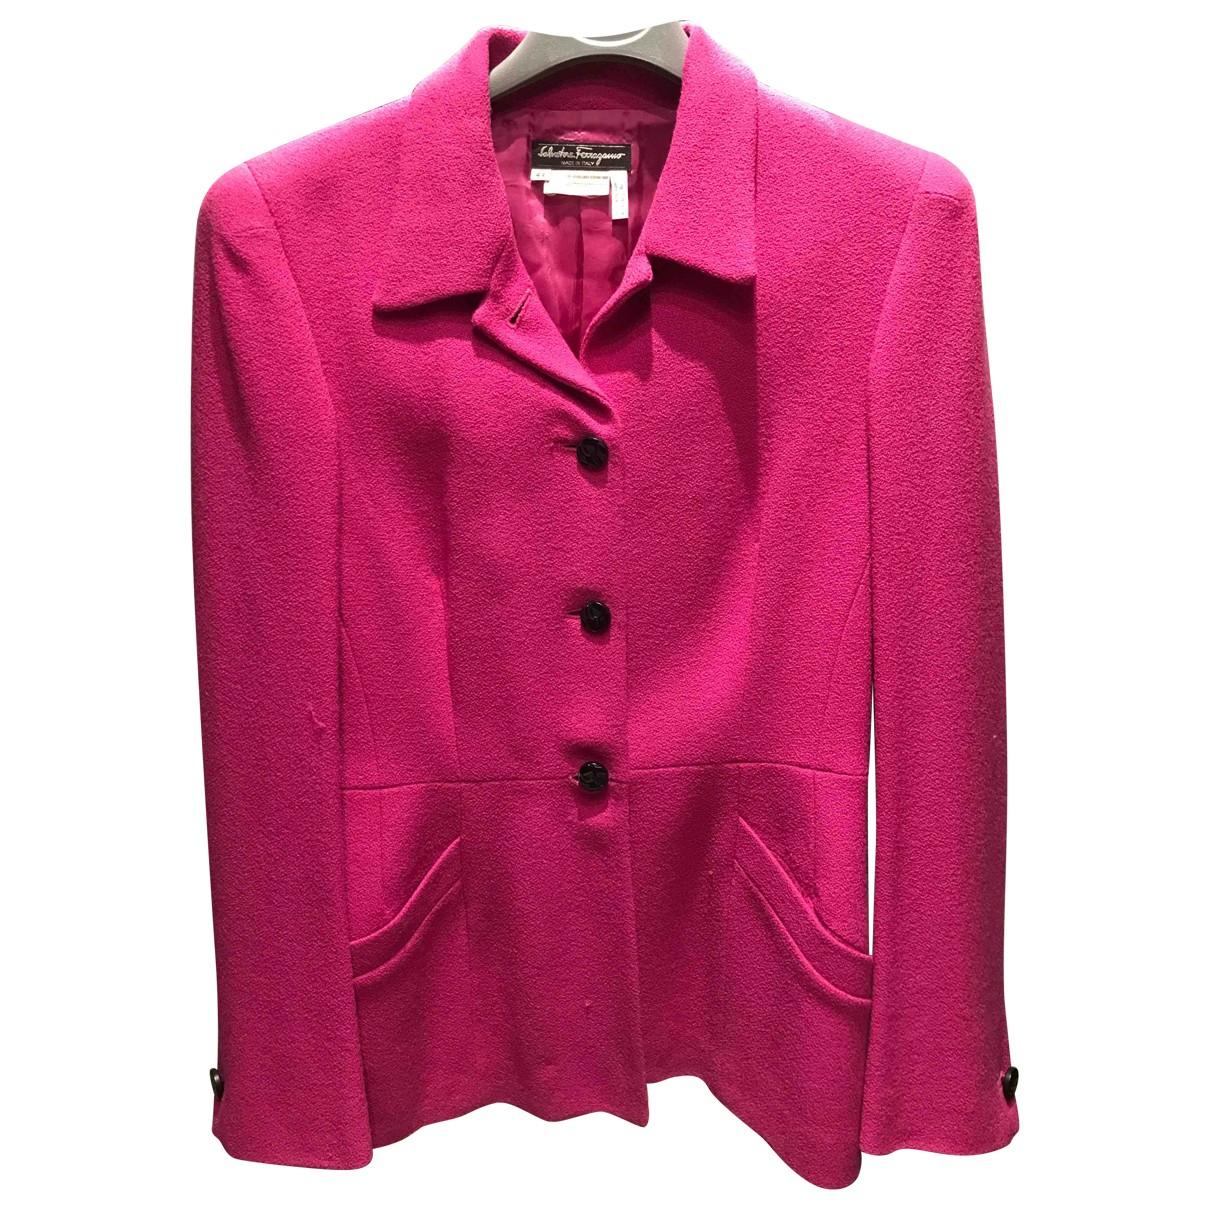 Salvatore Ferragamo \N Pink Wool jacket for Women 44 IT